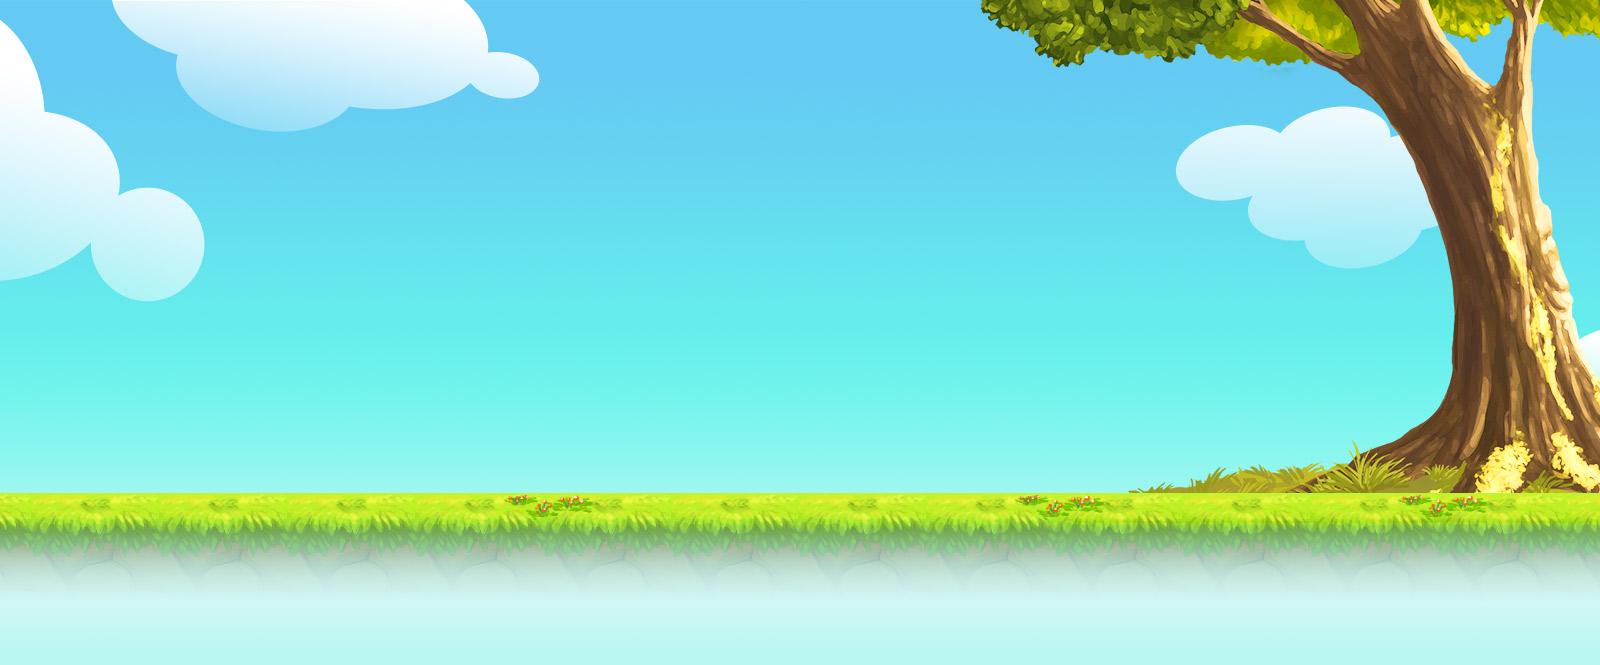 Yash Math Adventure Game Yash Math Adventure Game | A jump and run ...